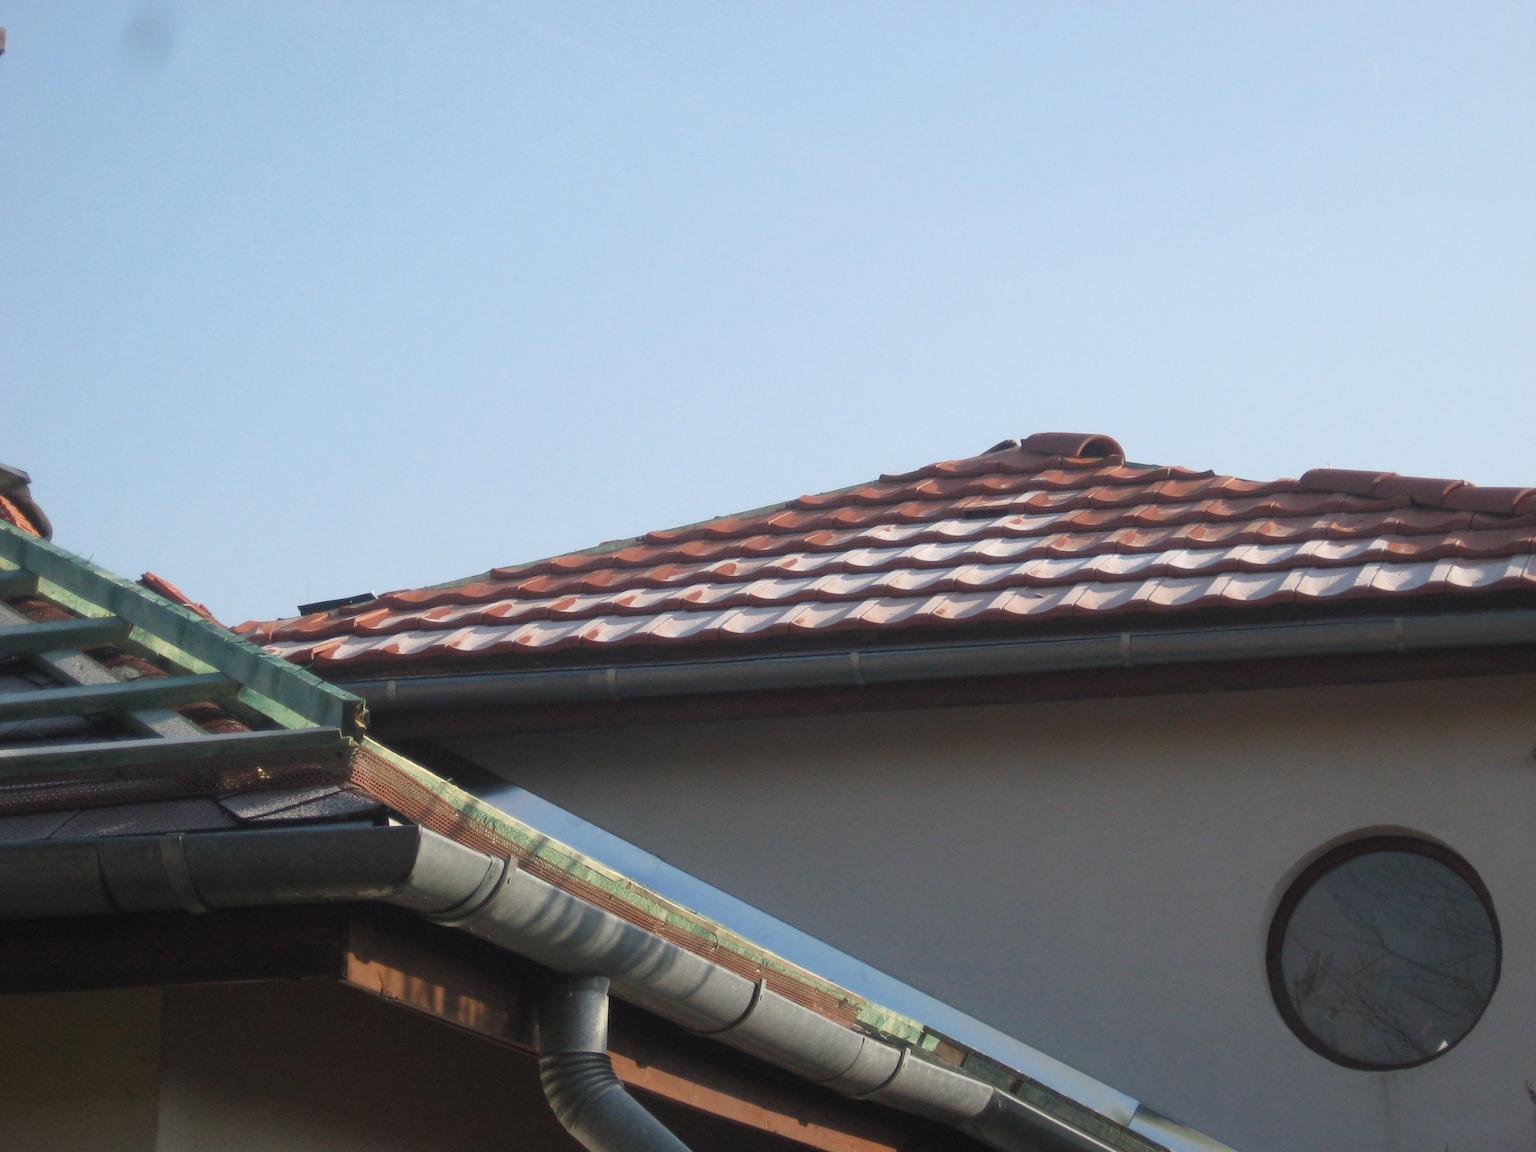 A lécezést követően a tető egy másik részére felkerültek a cserepek.